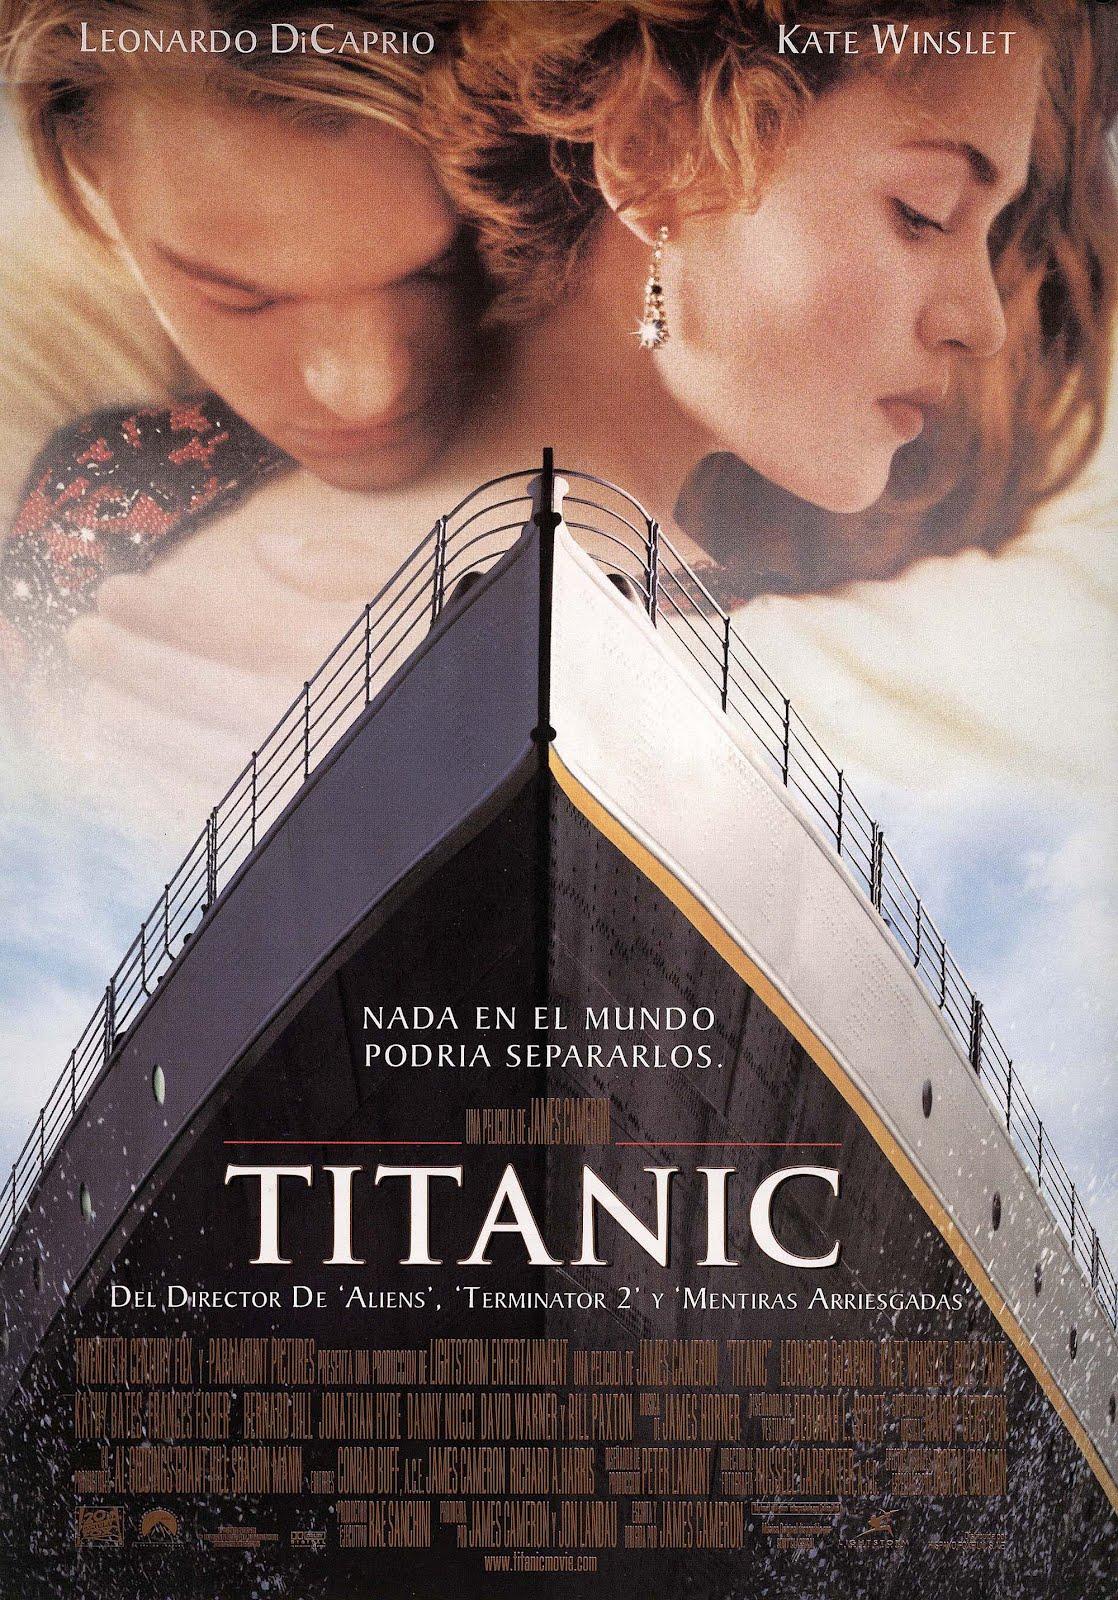 http://4.bp.blogspot.com/-kih7ByMHRoU/Tzvu4BnyKPI/AAAAAAAABmQ/8jp0mWkYlY0/s1600/Titanic_-_tt0120338_-_1997_-__es.jpg